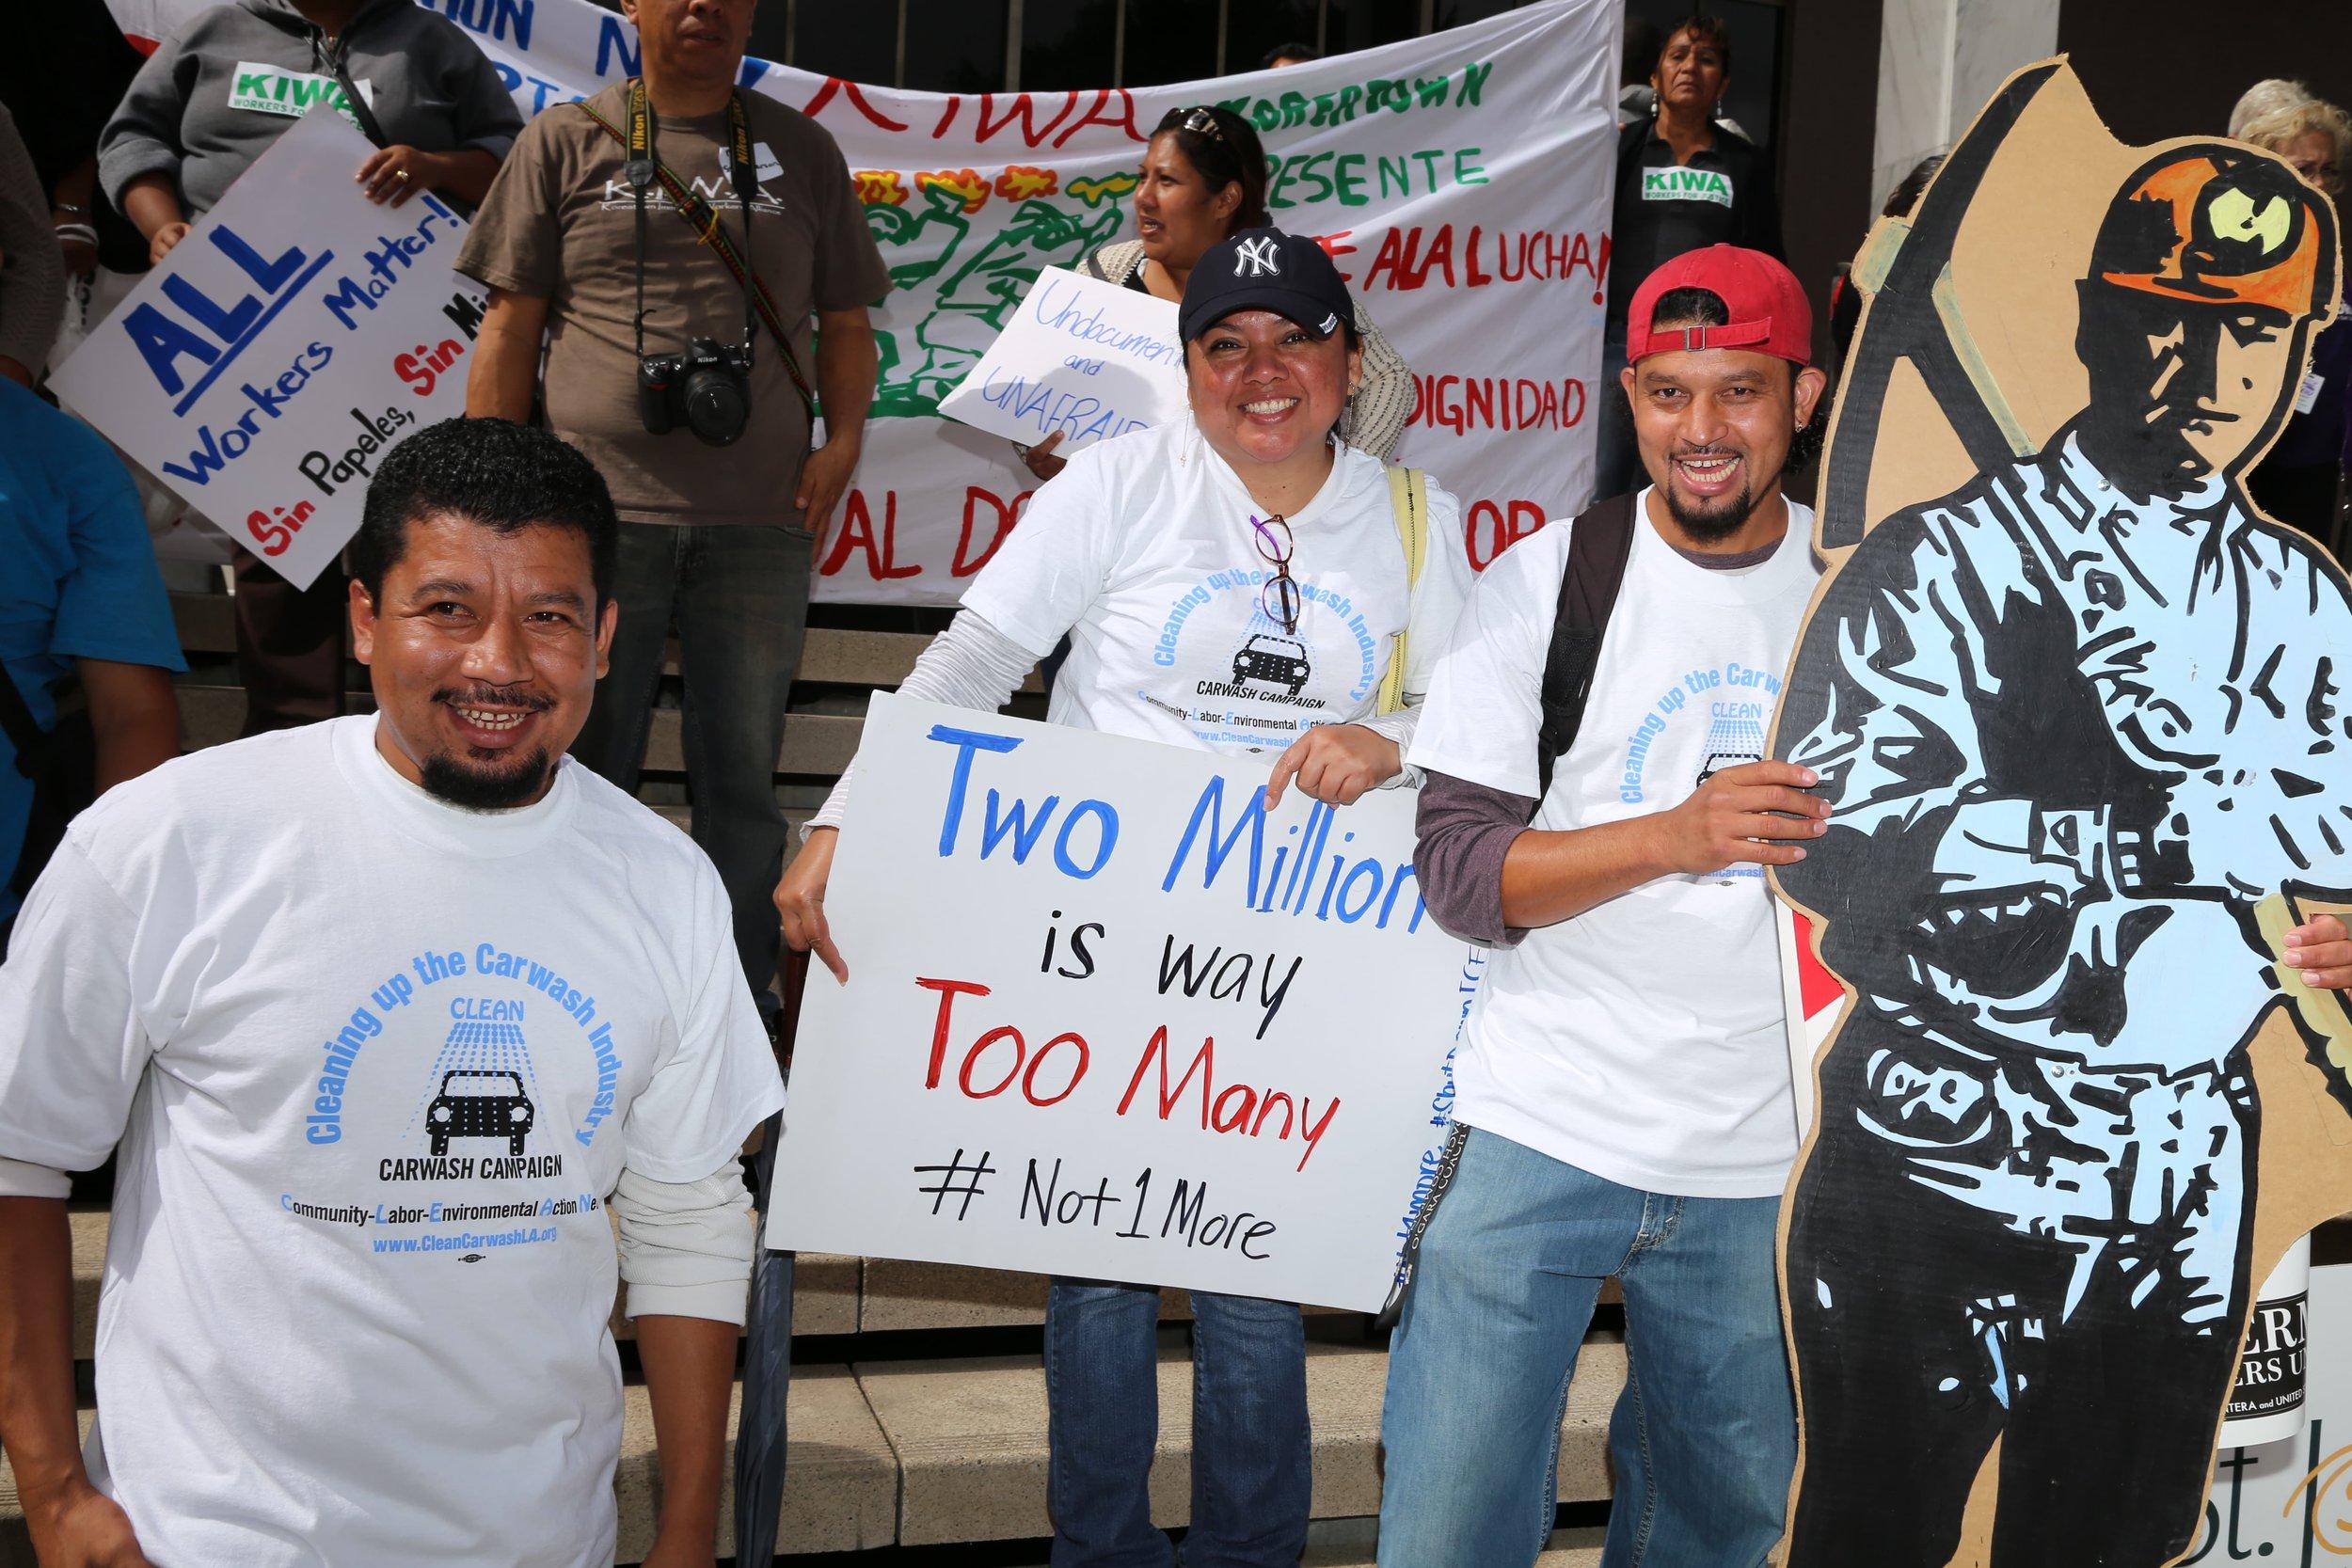 Jose Rolando, Silvia Molina, and Carlos Cuestas